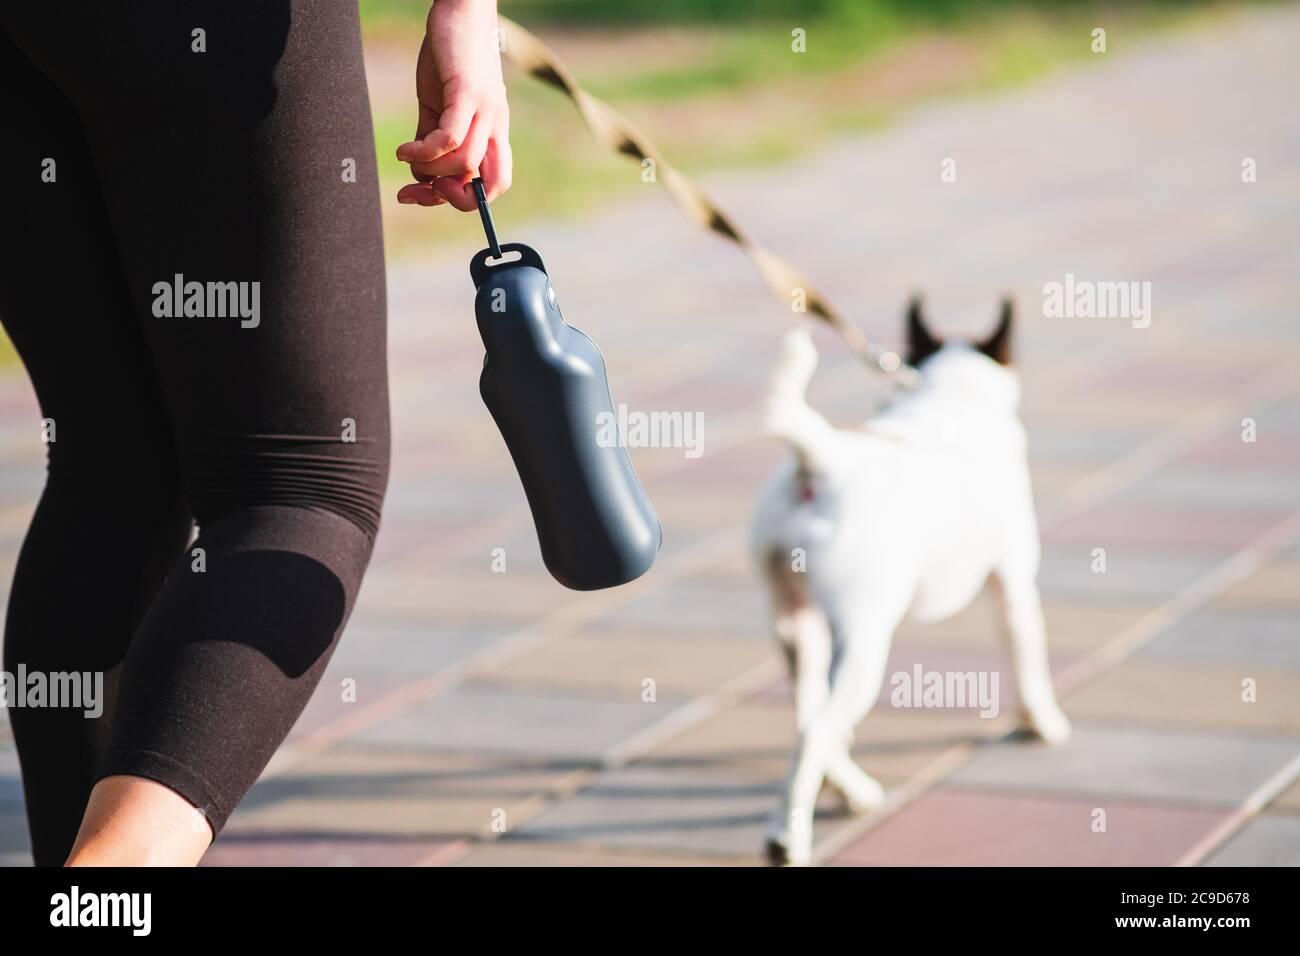 Aktiver Lebensstil mit Haustieren in der Stadt, Accessoires, Laufen mit Hunden. Trinkflasche in Frauenhand, Hund im Hintergrund Stockfoto